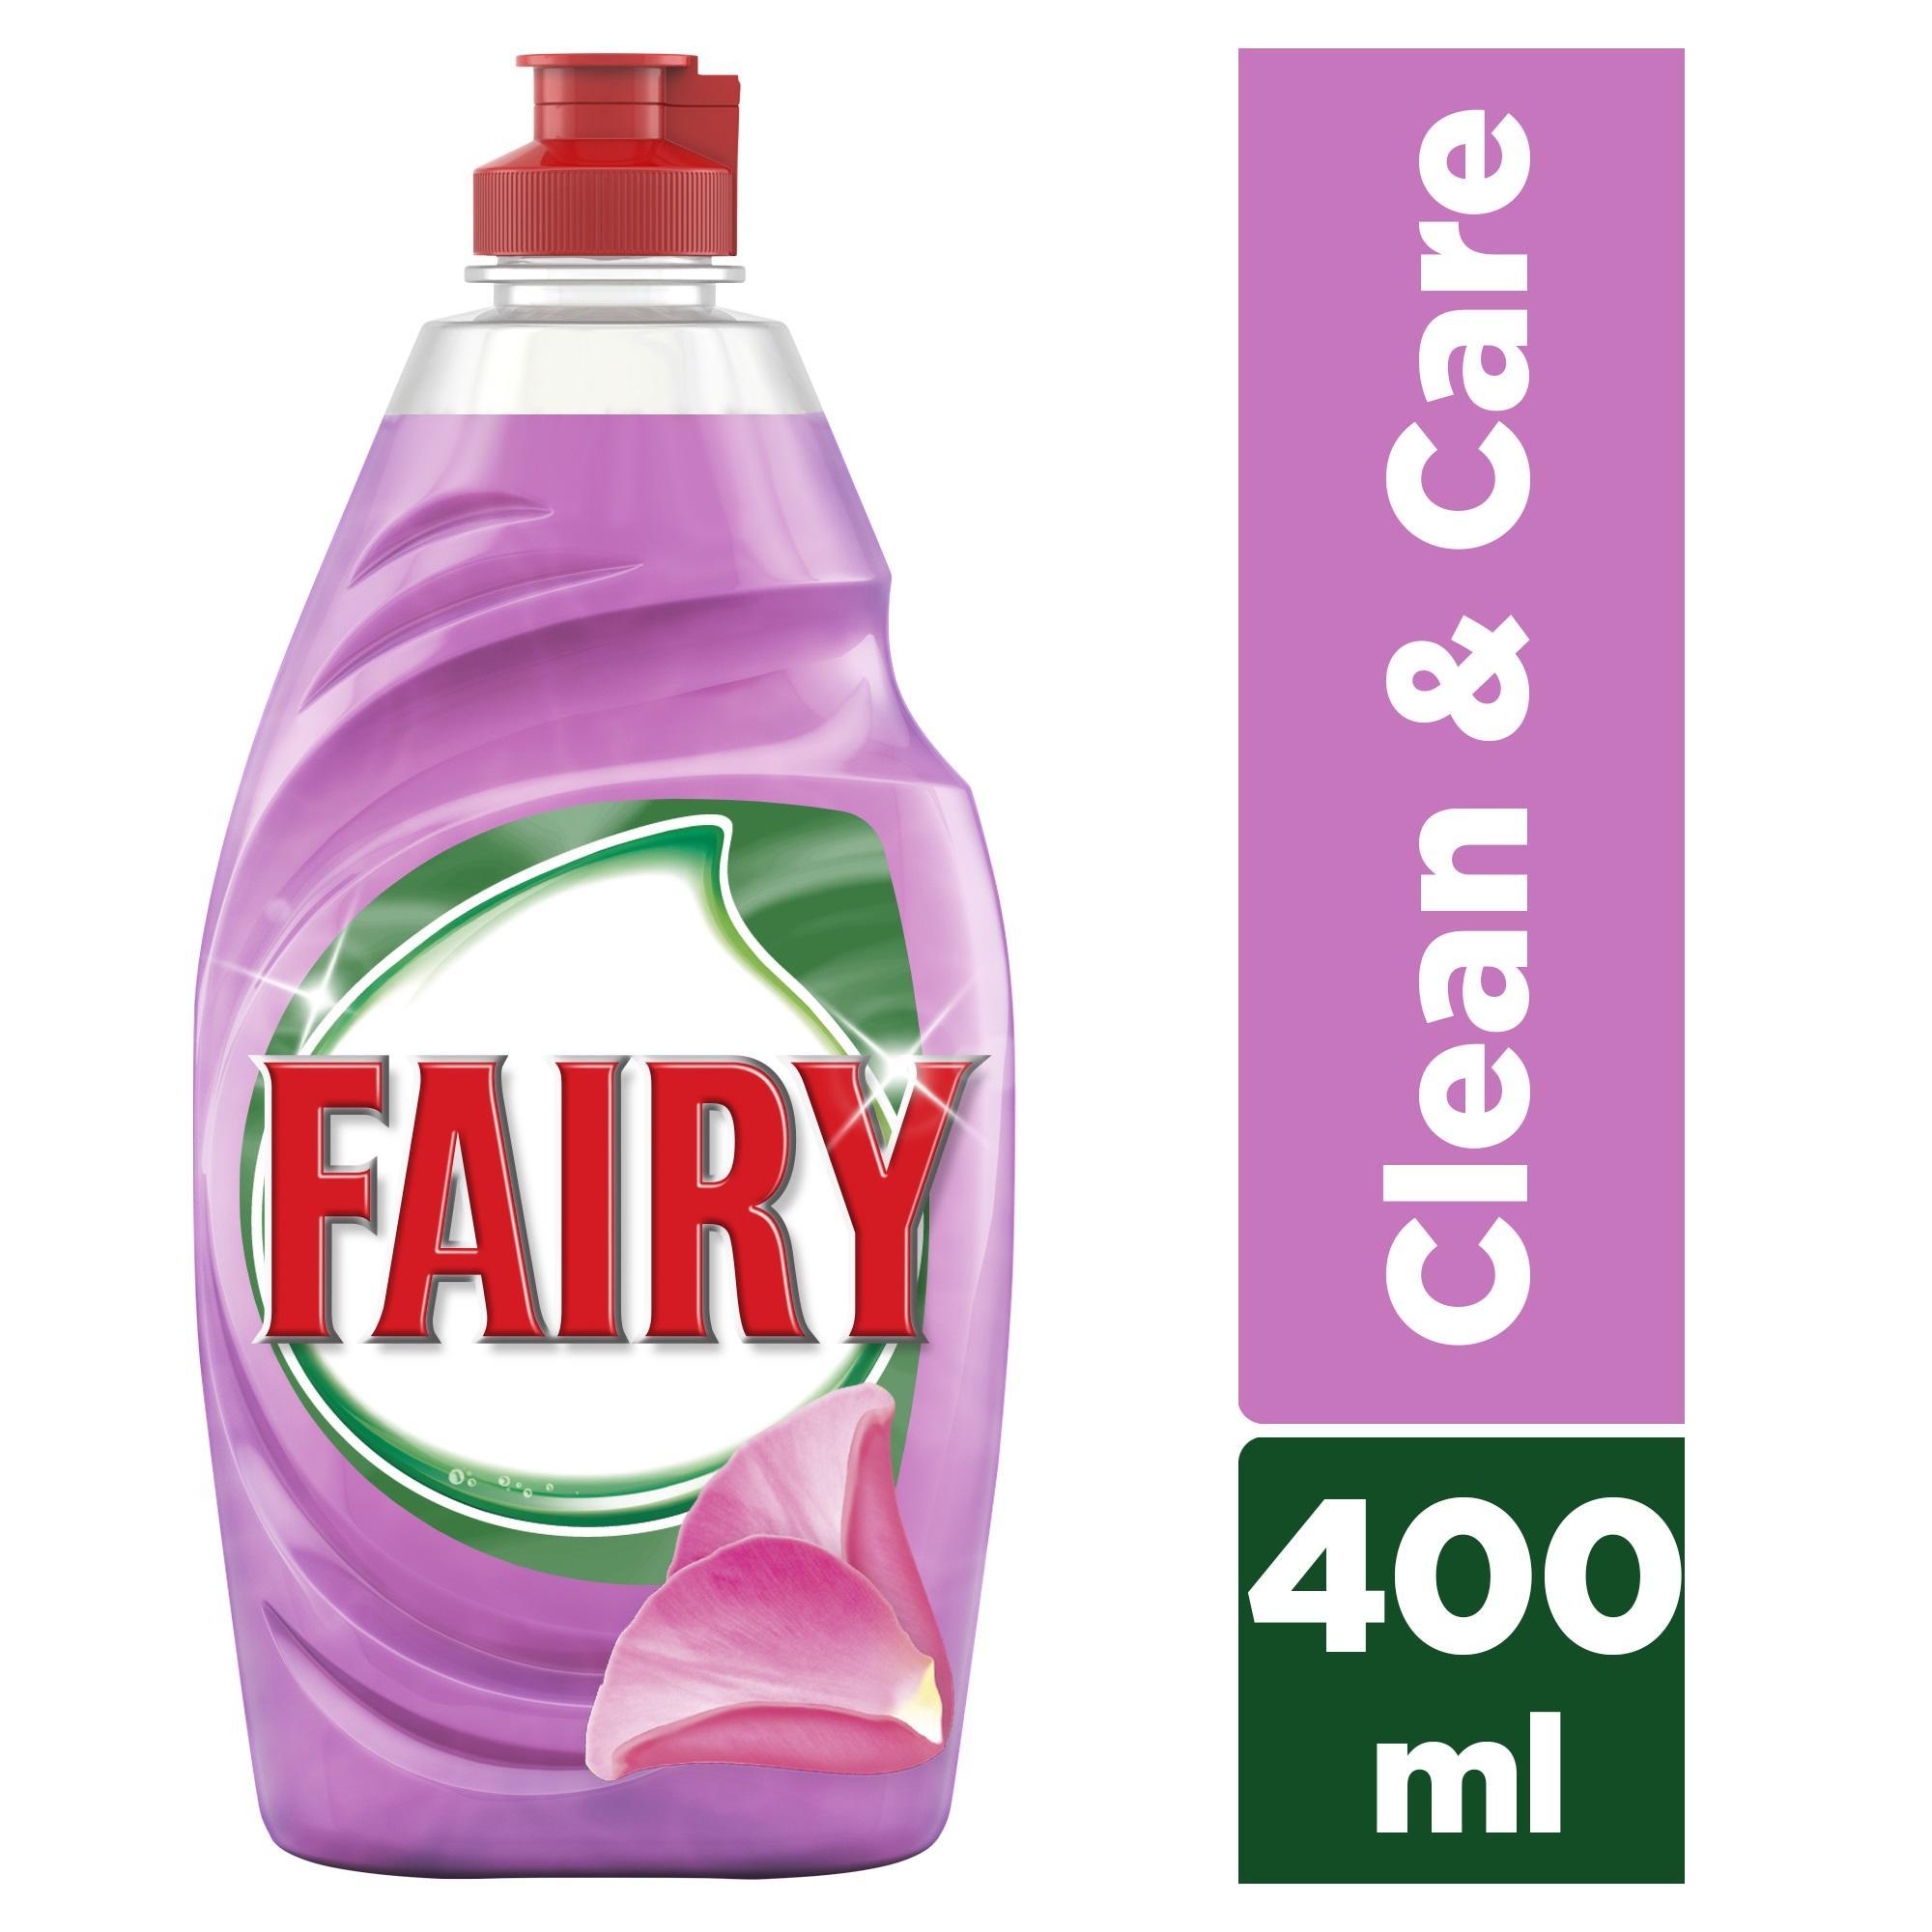 Υγρό Πιάτων Clean & Care Τριαντάφυλλο & Σατέν Fairy (2x400 ml) 1+1 Δώρο